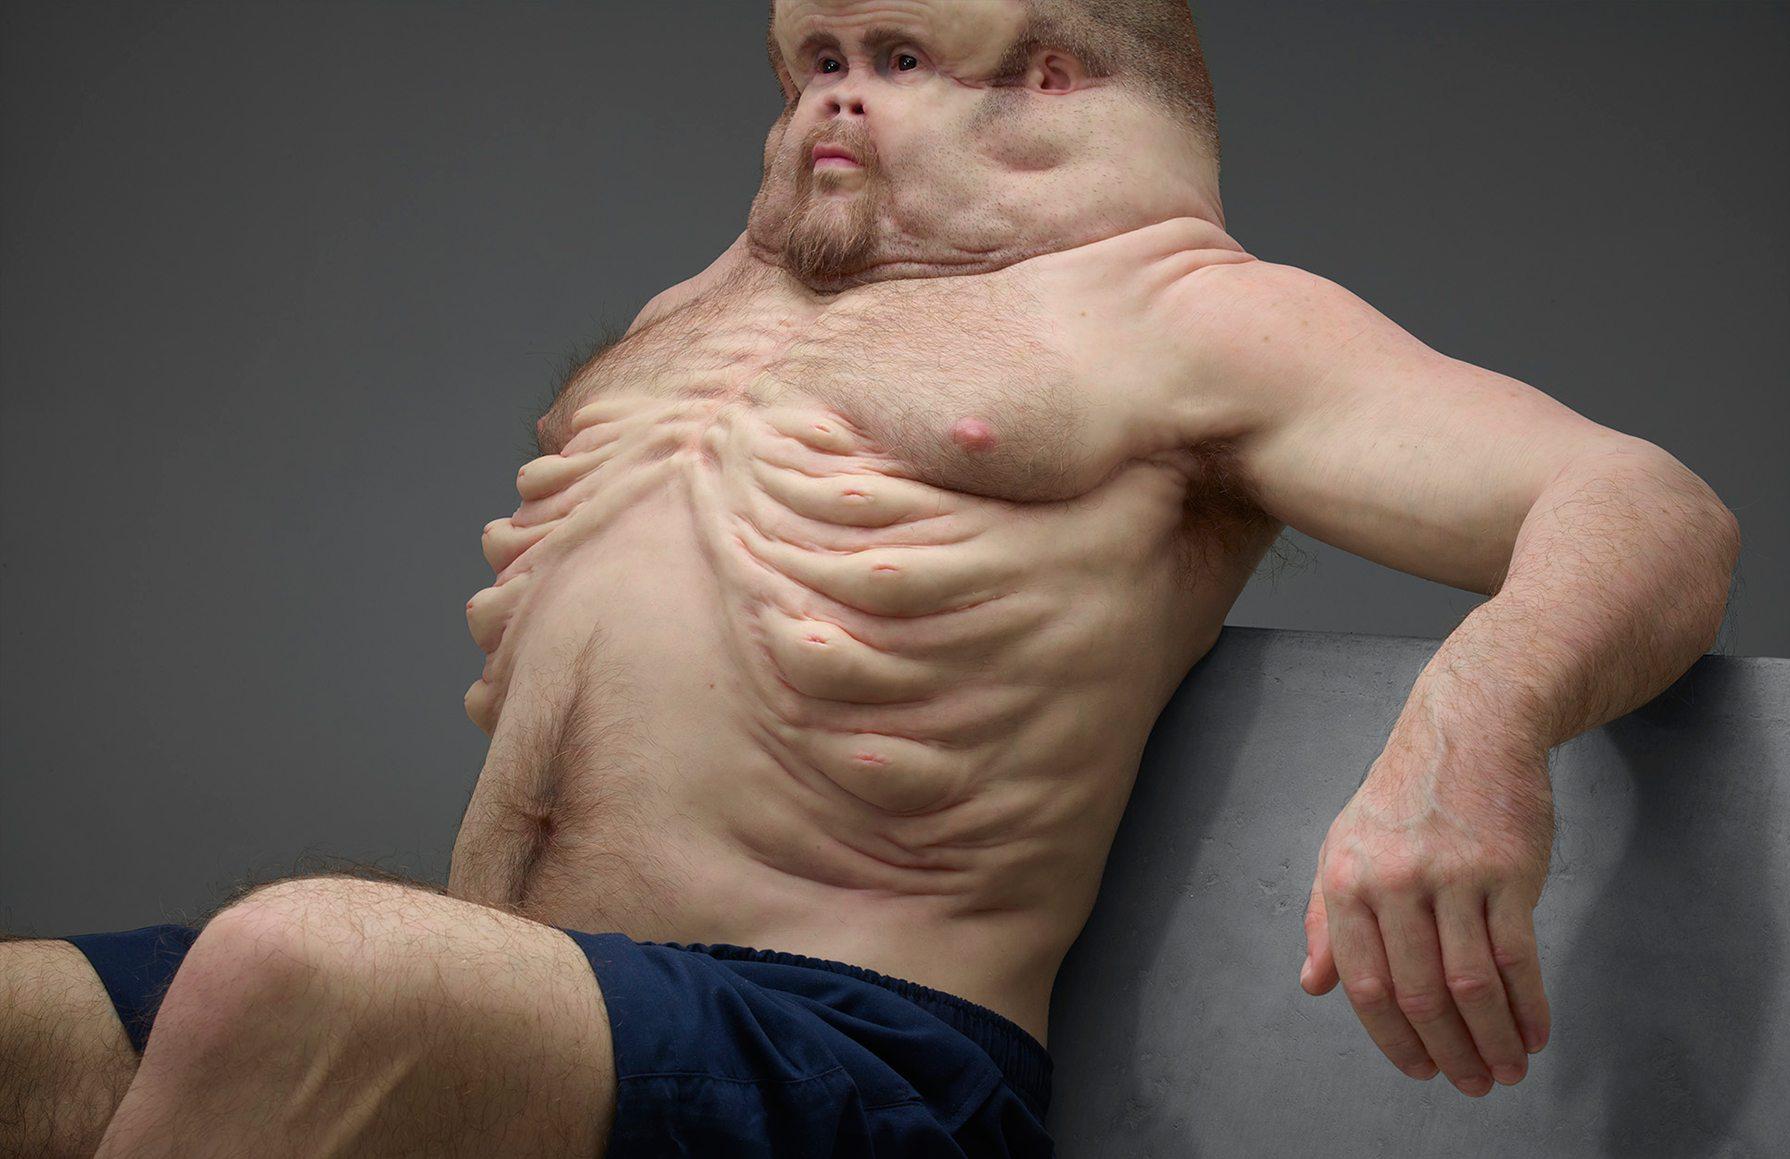 deformed face man - HD1790×1159